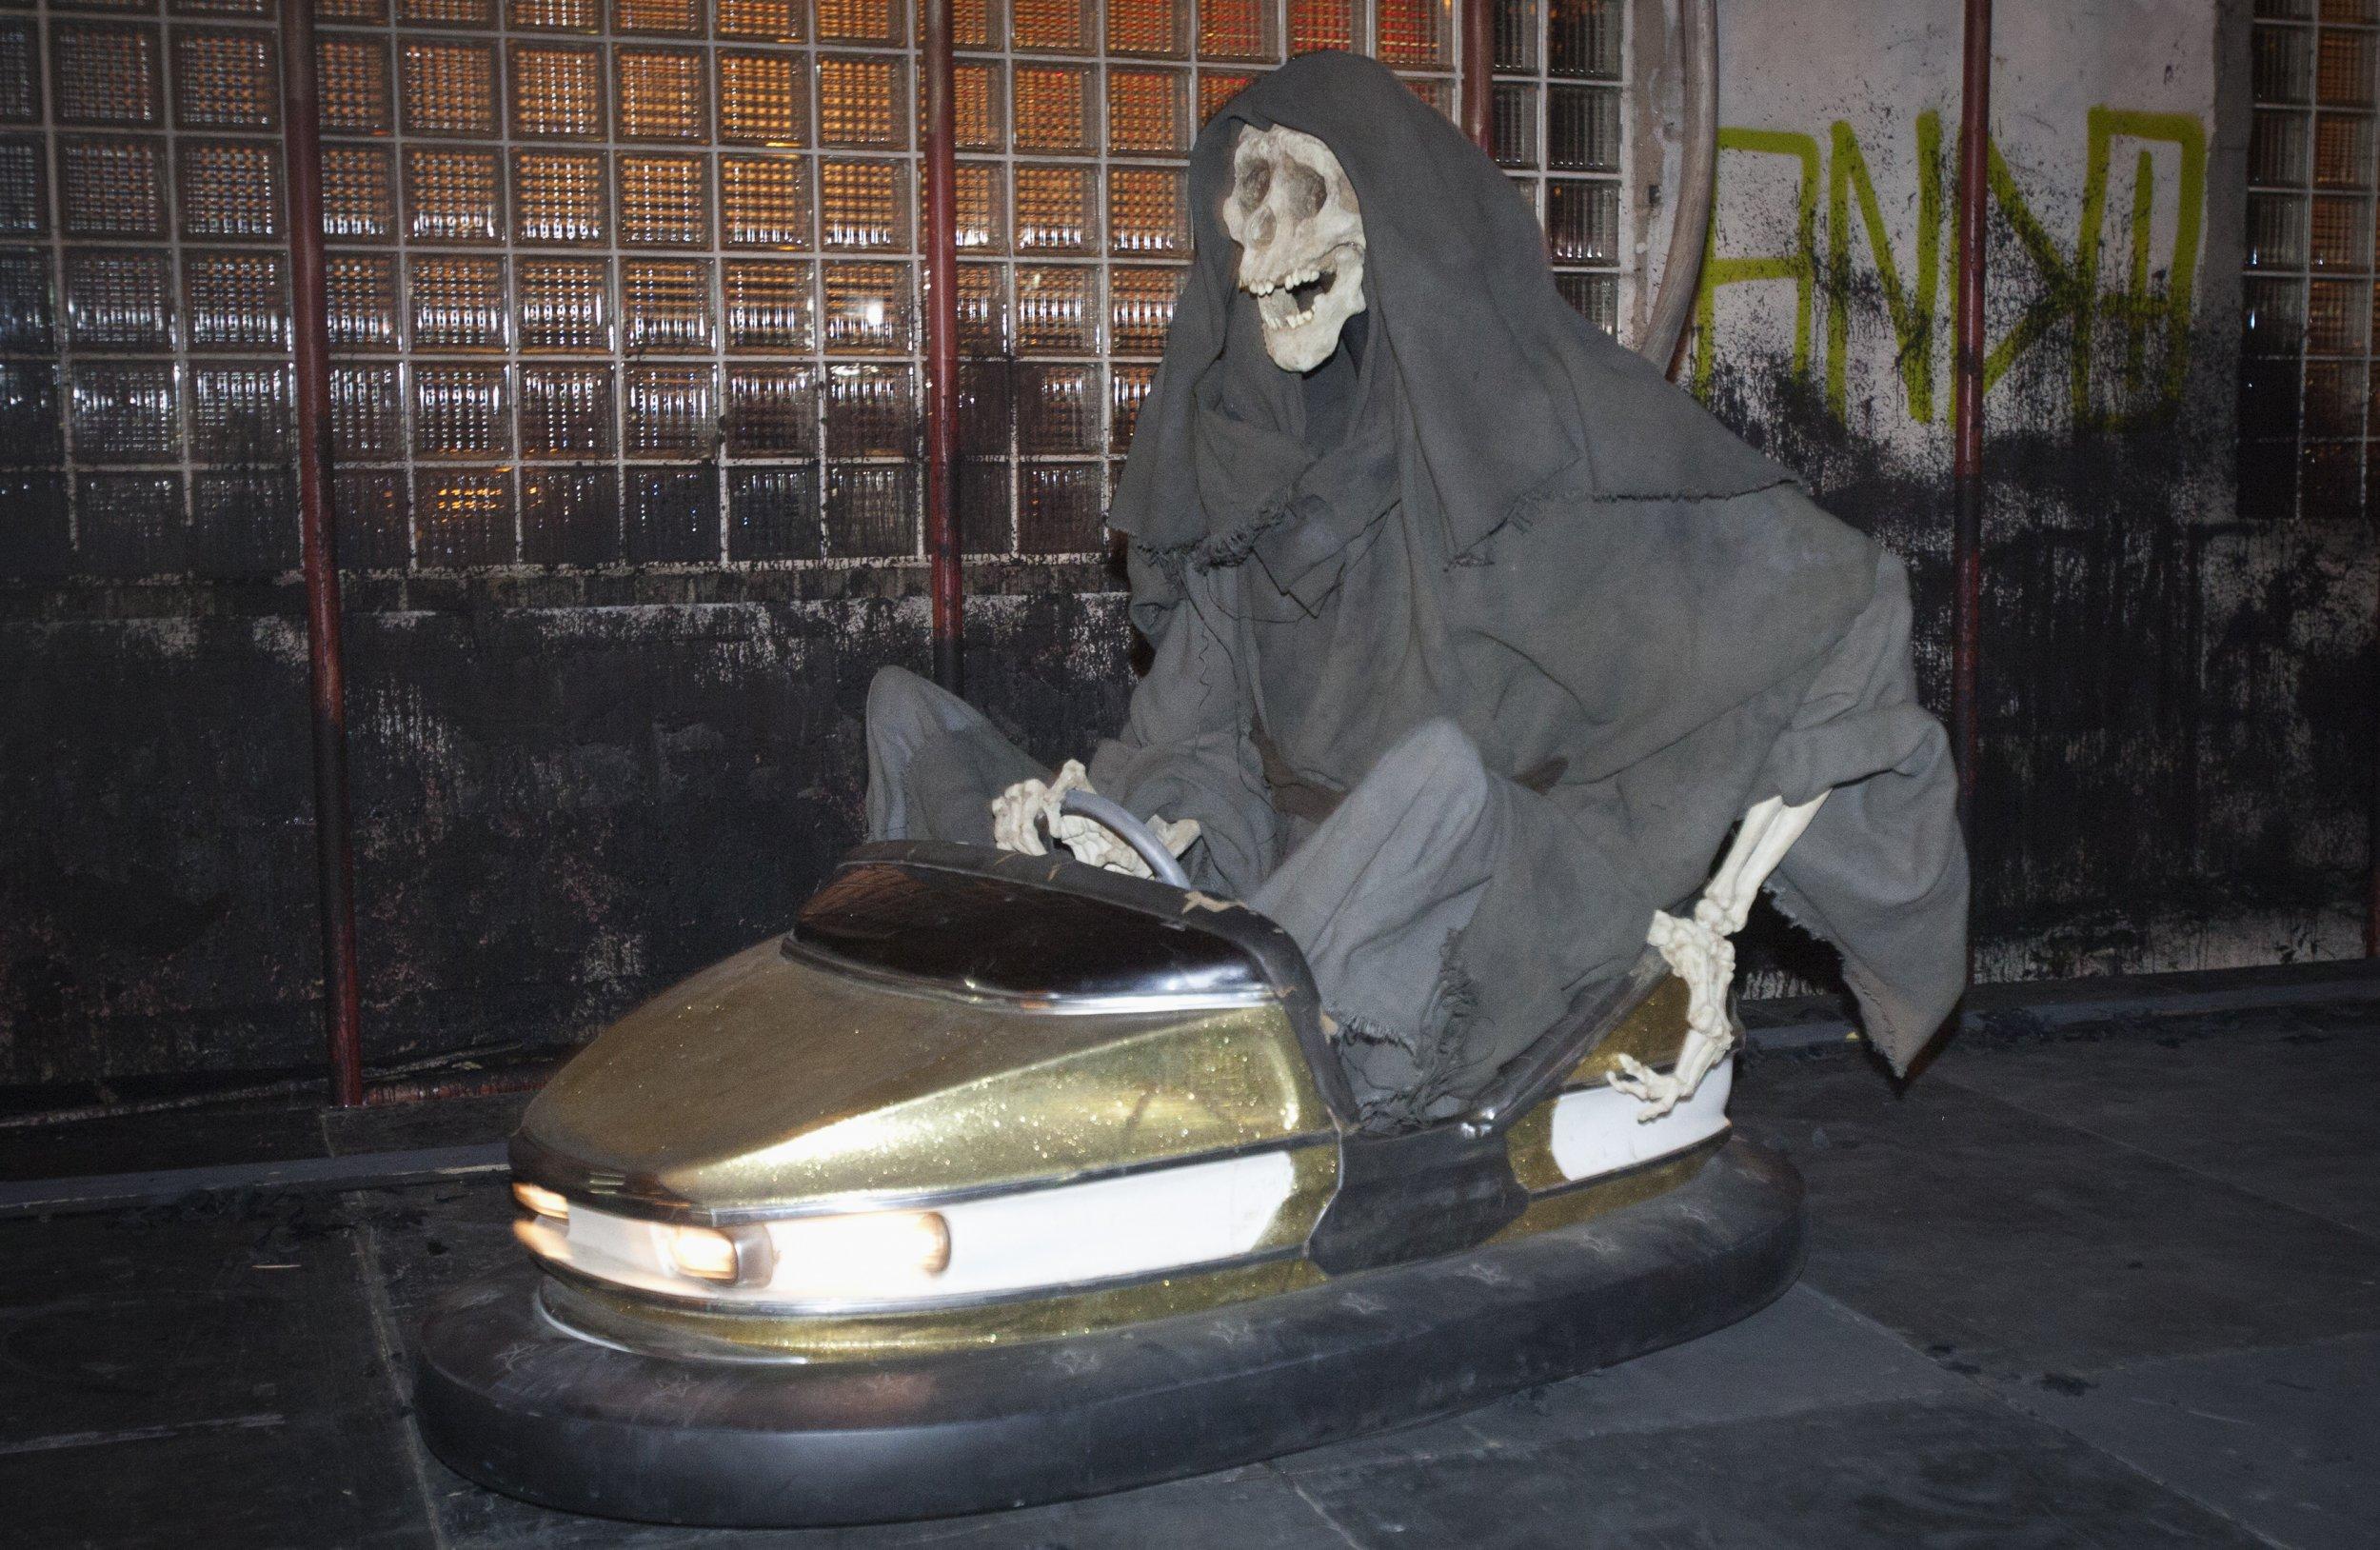 DeathBumperCar